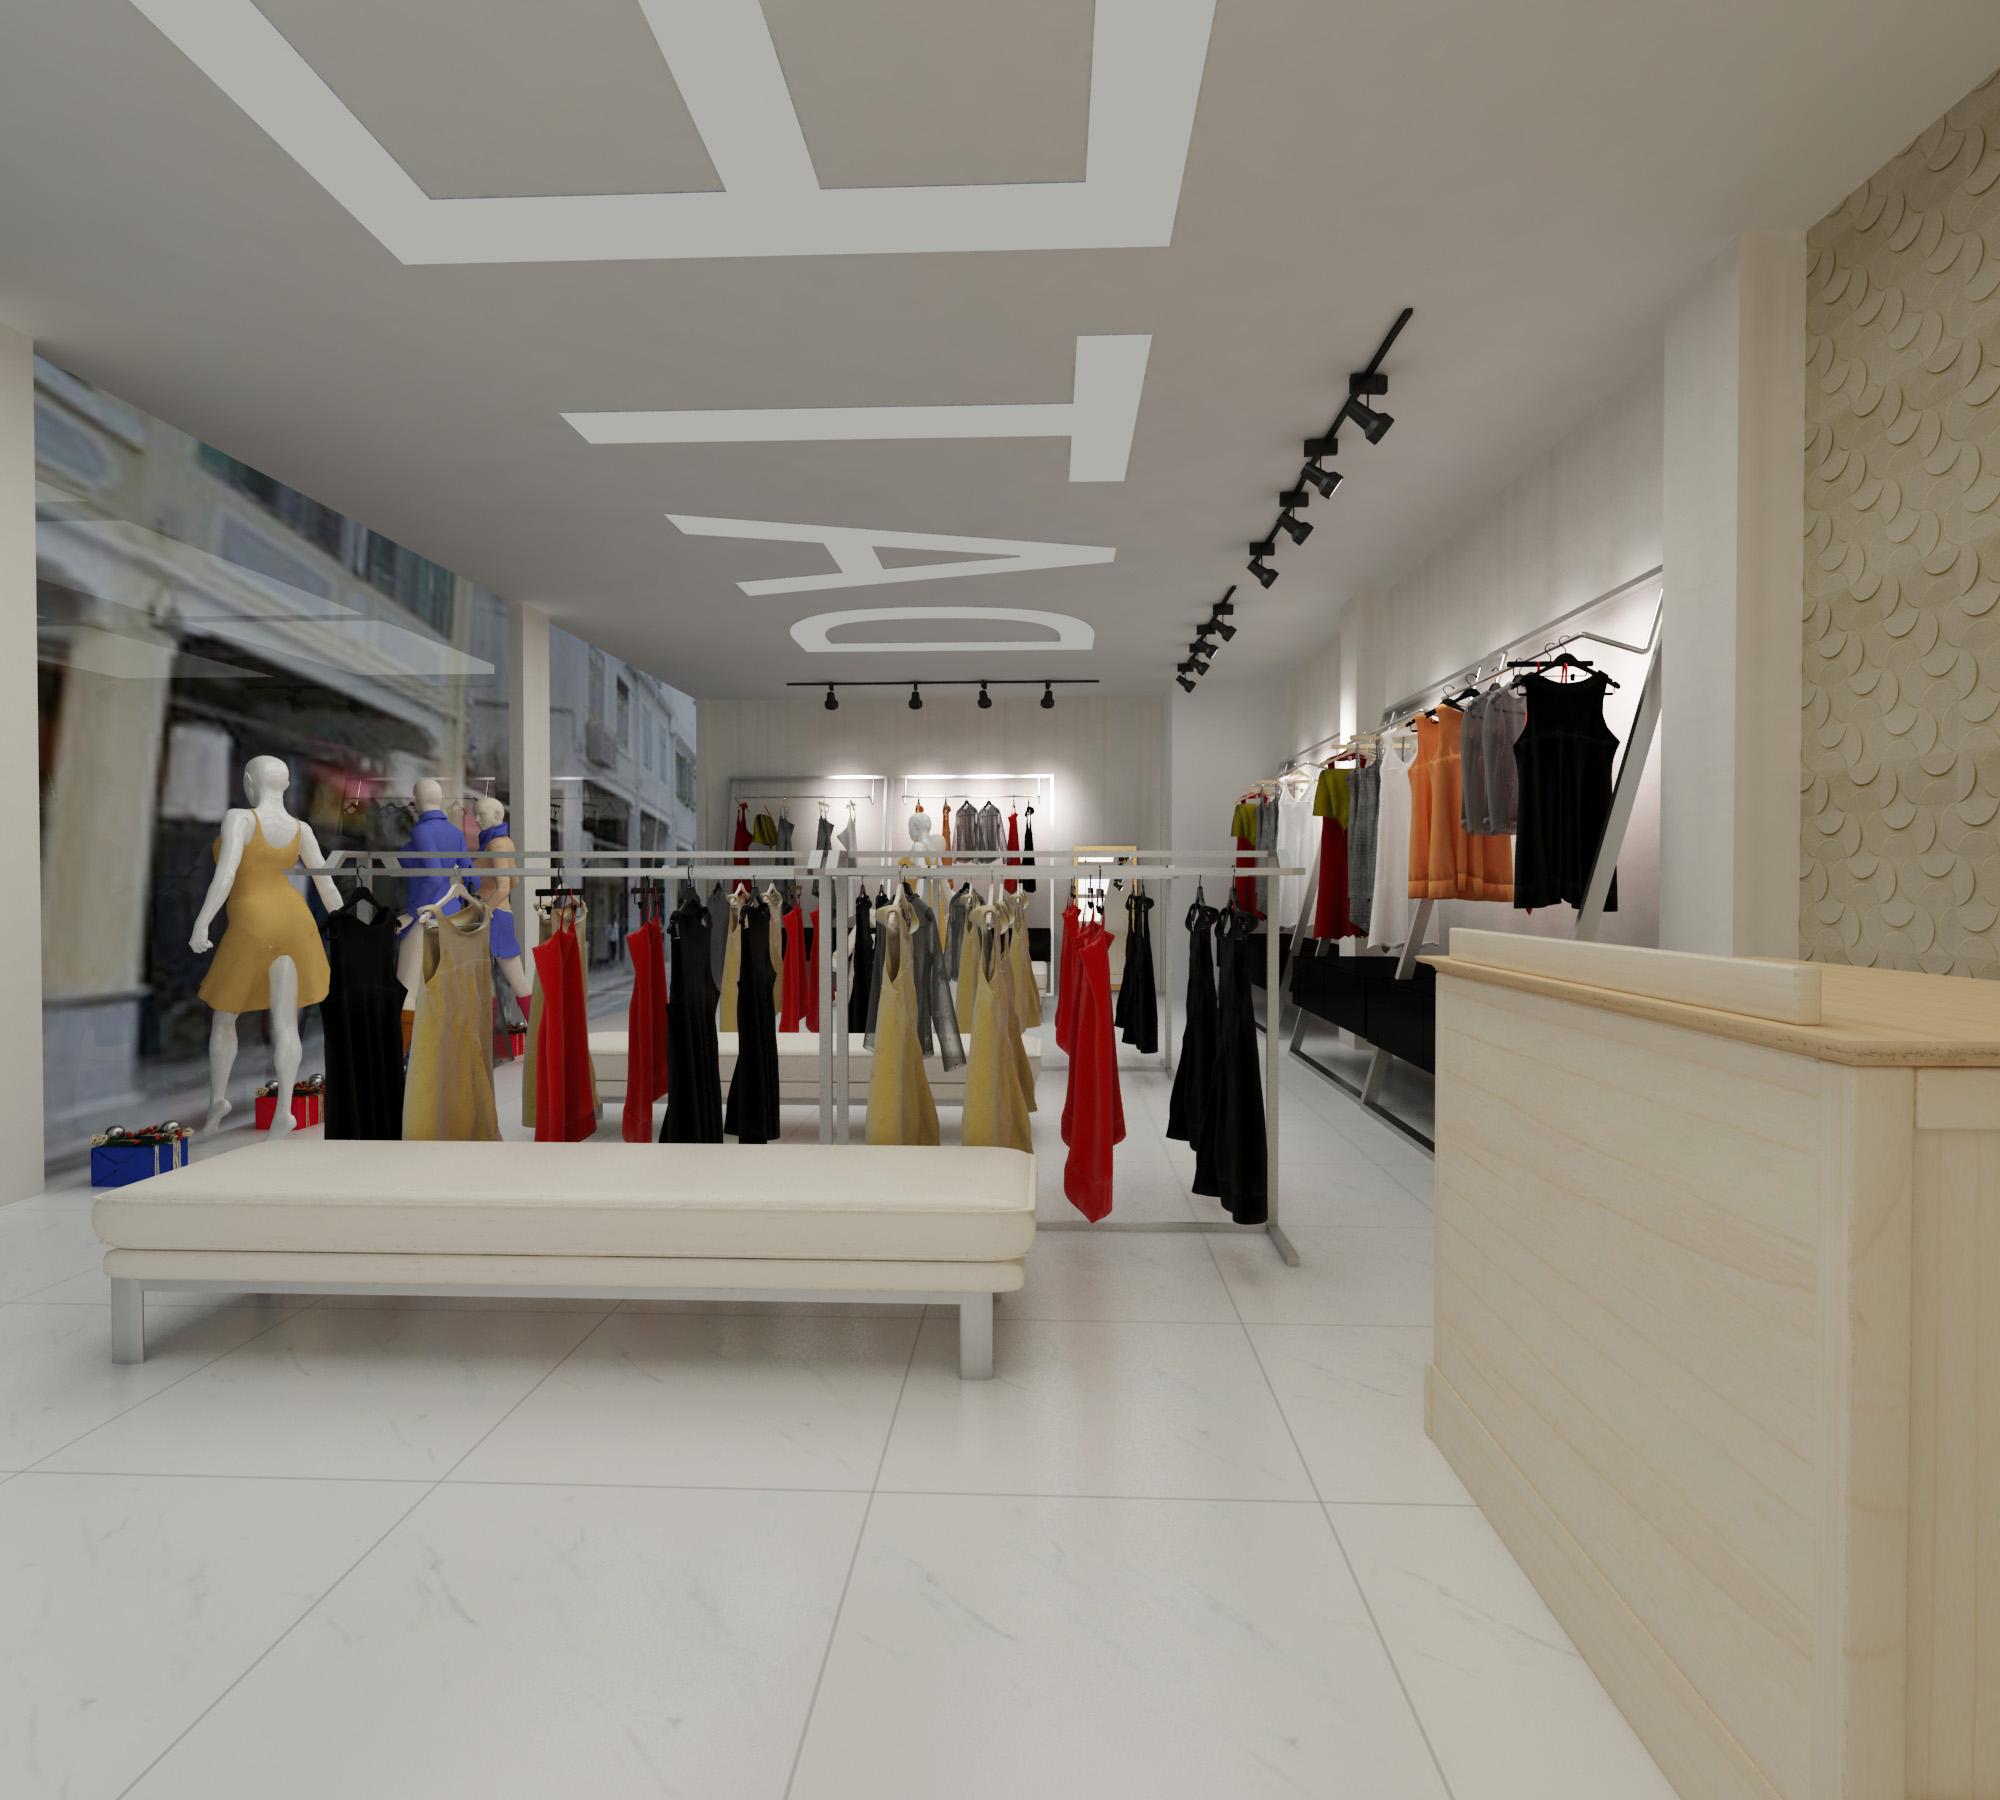 品牌服装店manbetx手机登录设计效果图案例推荐